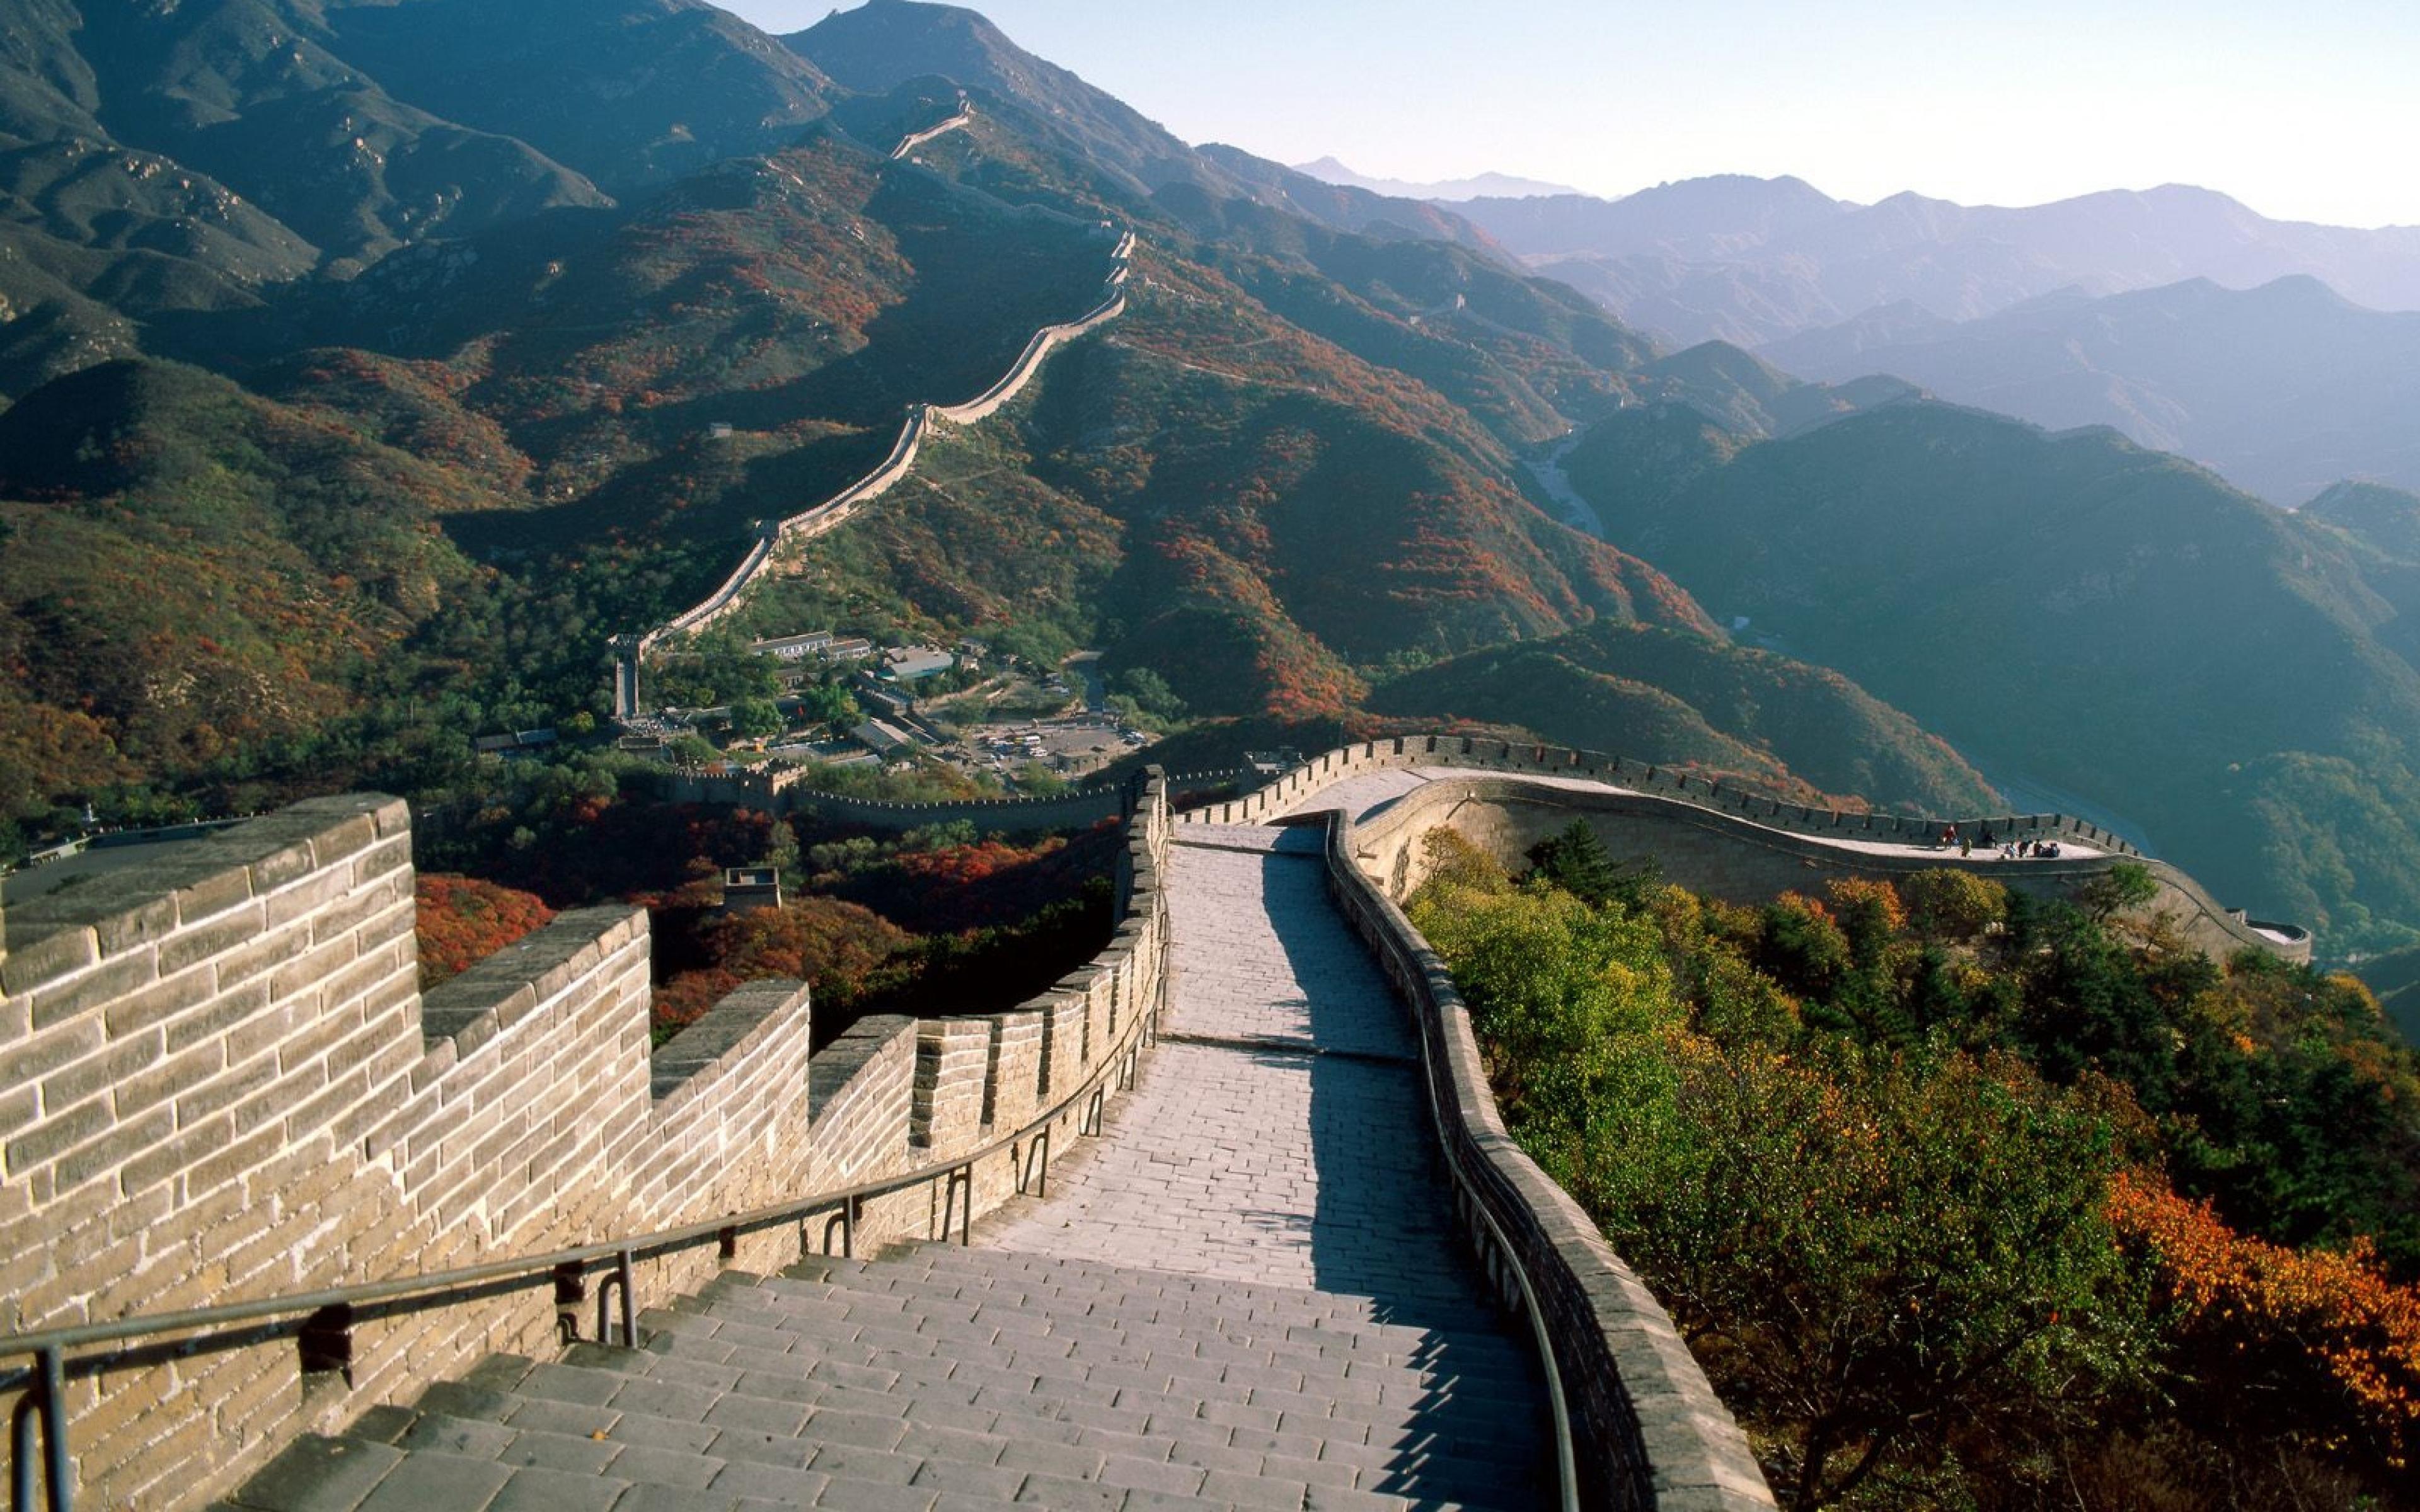 متى تم بناء سور الصين %D8%B3%D9%88%D8%B1-%D8%A7%D9%84%D8%B5%D9%8A%D9%86